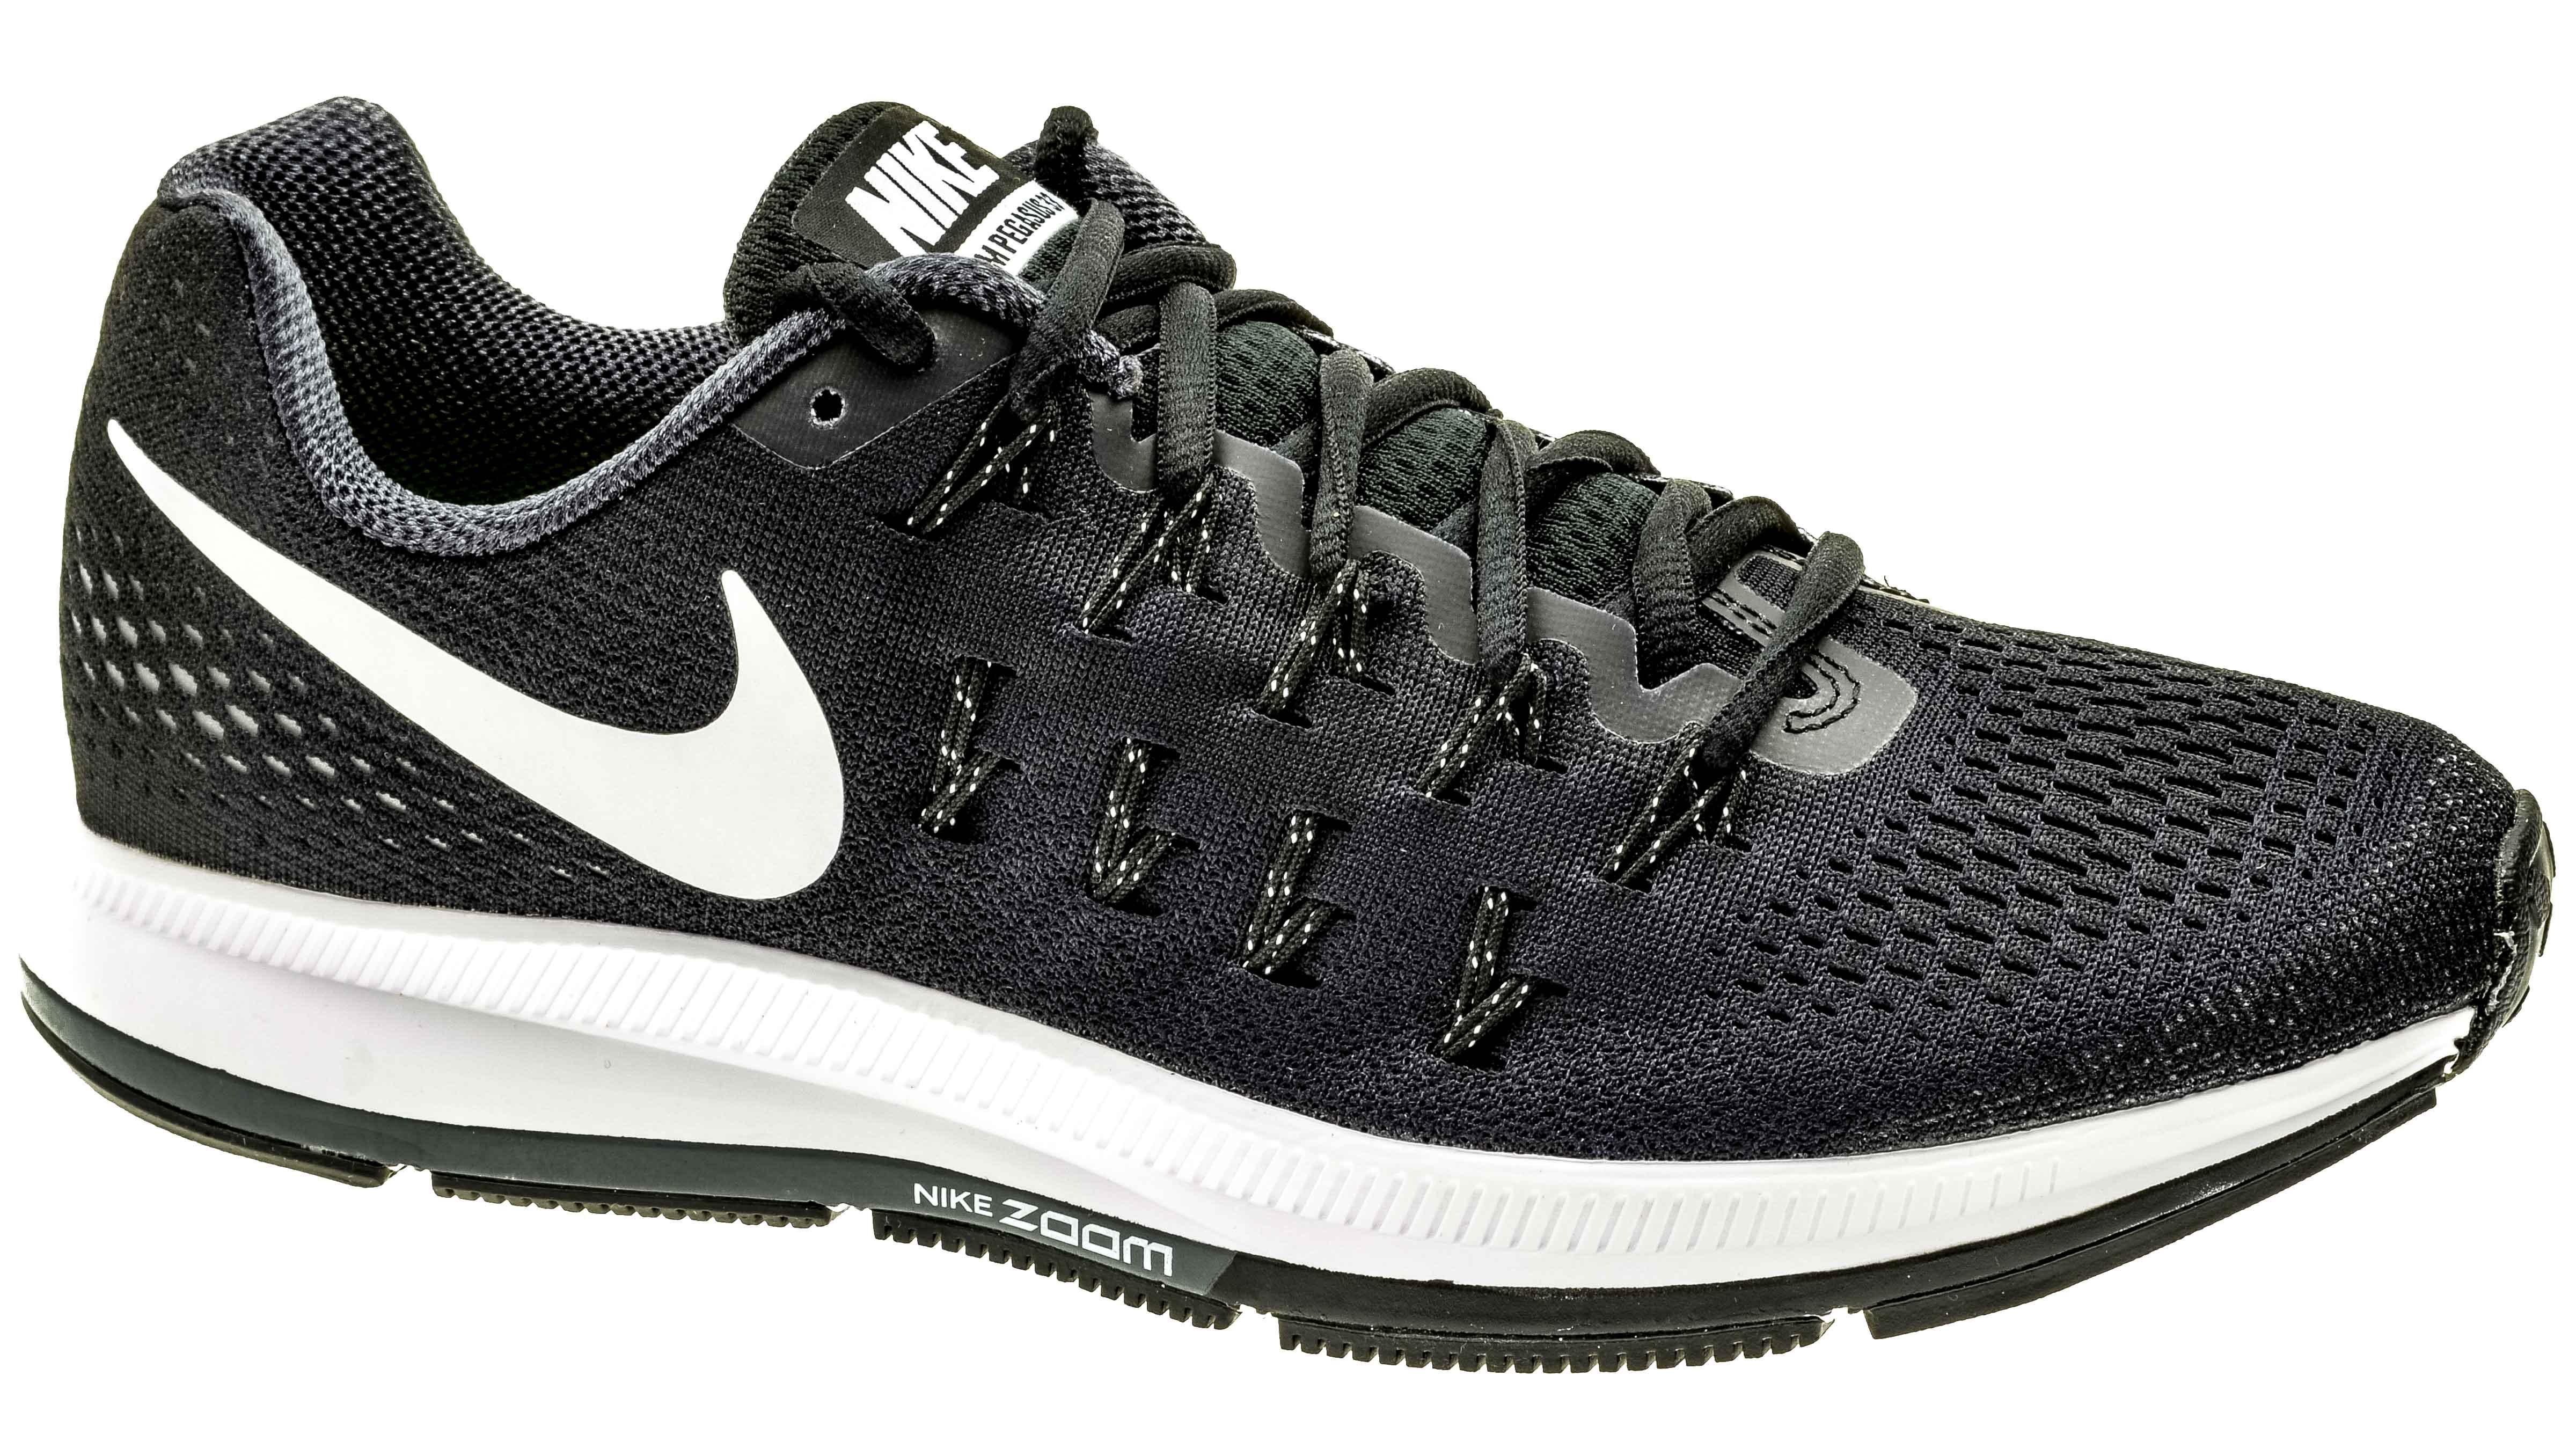 Nike Air Zoom Pegasus 33 black white anthracite cool grey